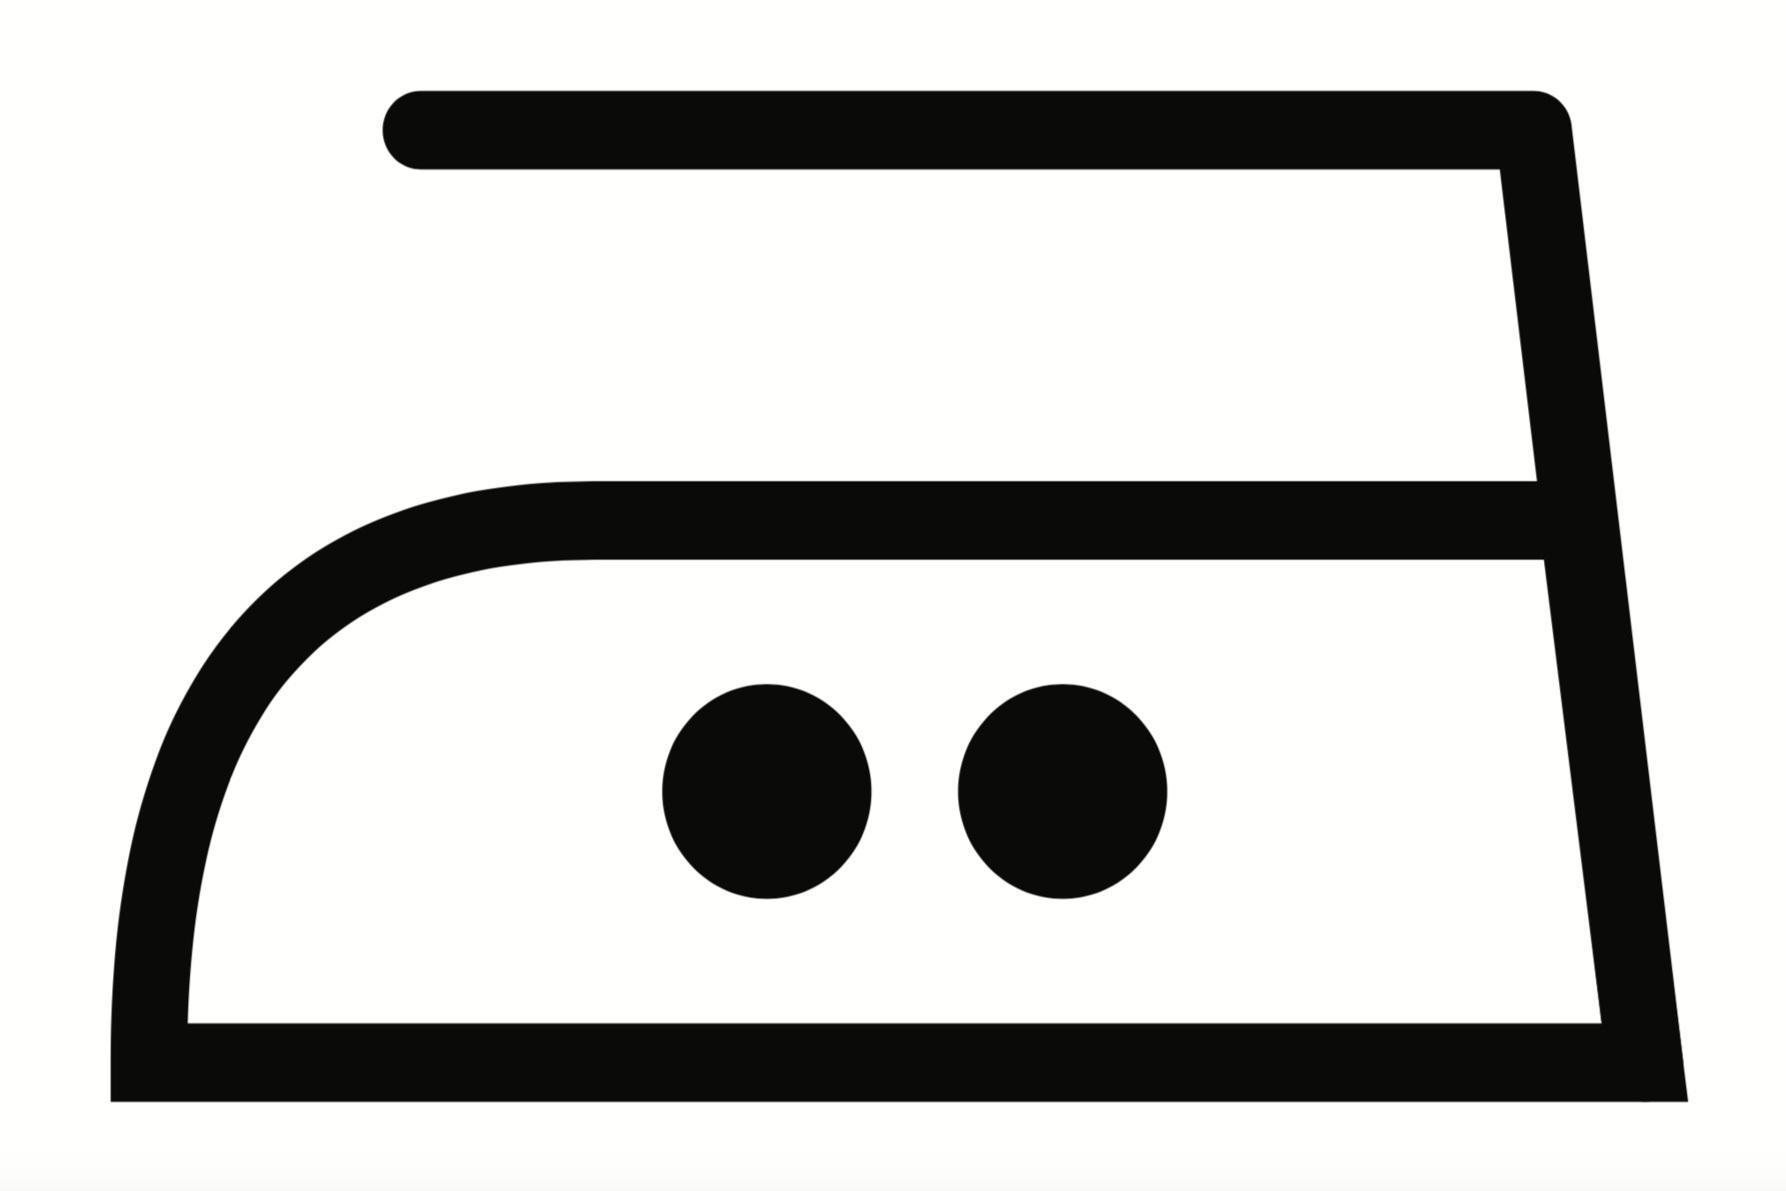 Iron on Low Heat - 150 Degrees - Ved presning bruges gerne masser af damp! Ren uld og silke (uden syntetiske fibre iblandet) kan tåle høje grader. Under presning kan man 'manipulere' med faconen, dvs trække eller hive i de områder, som man ønsker skal være smallere eller bredere.